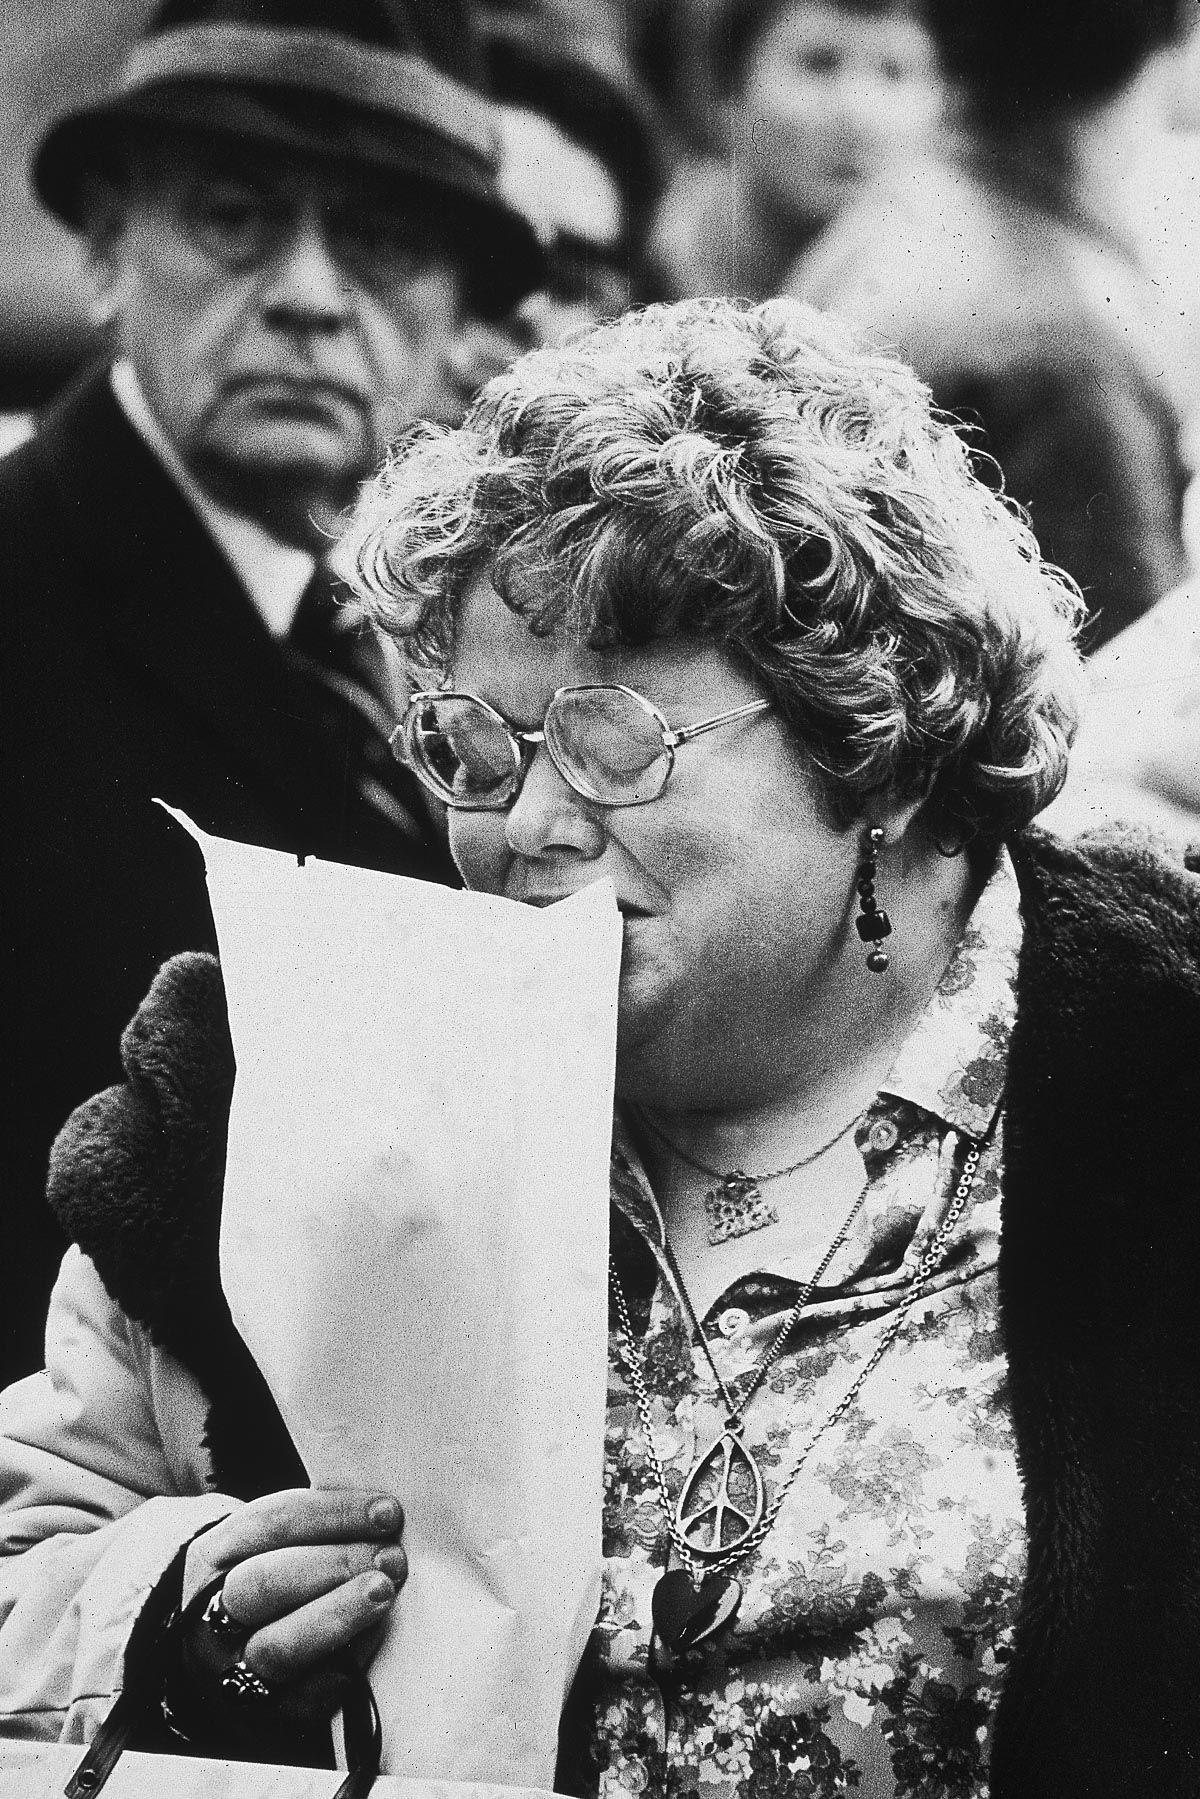 foto-8-dicembre-1980-morte-john-lennon-09